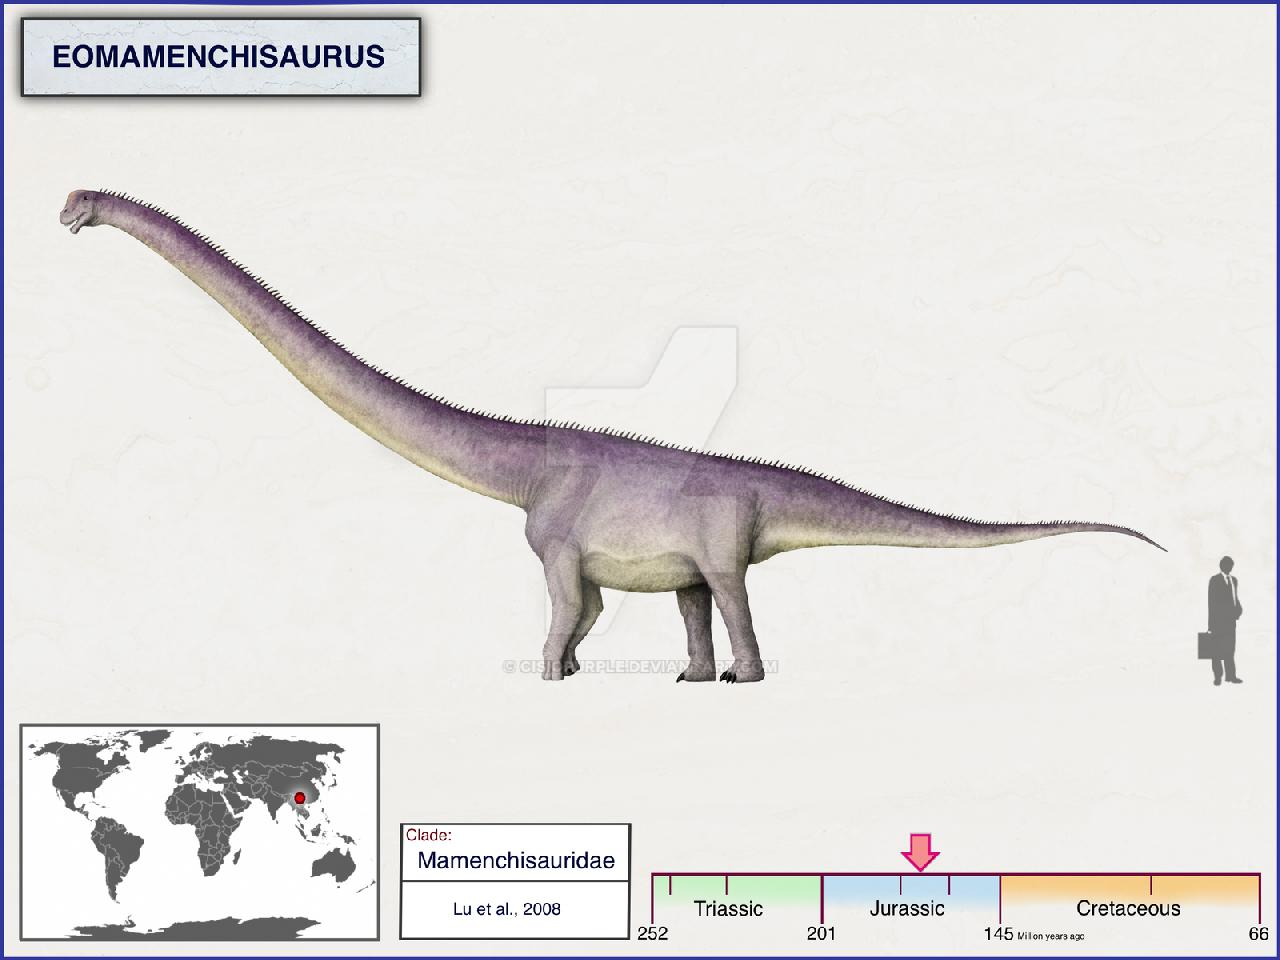 Eomamenchisaurus